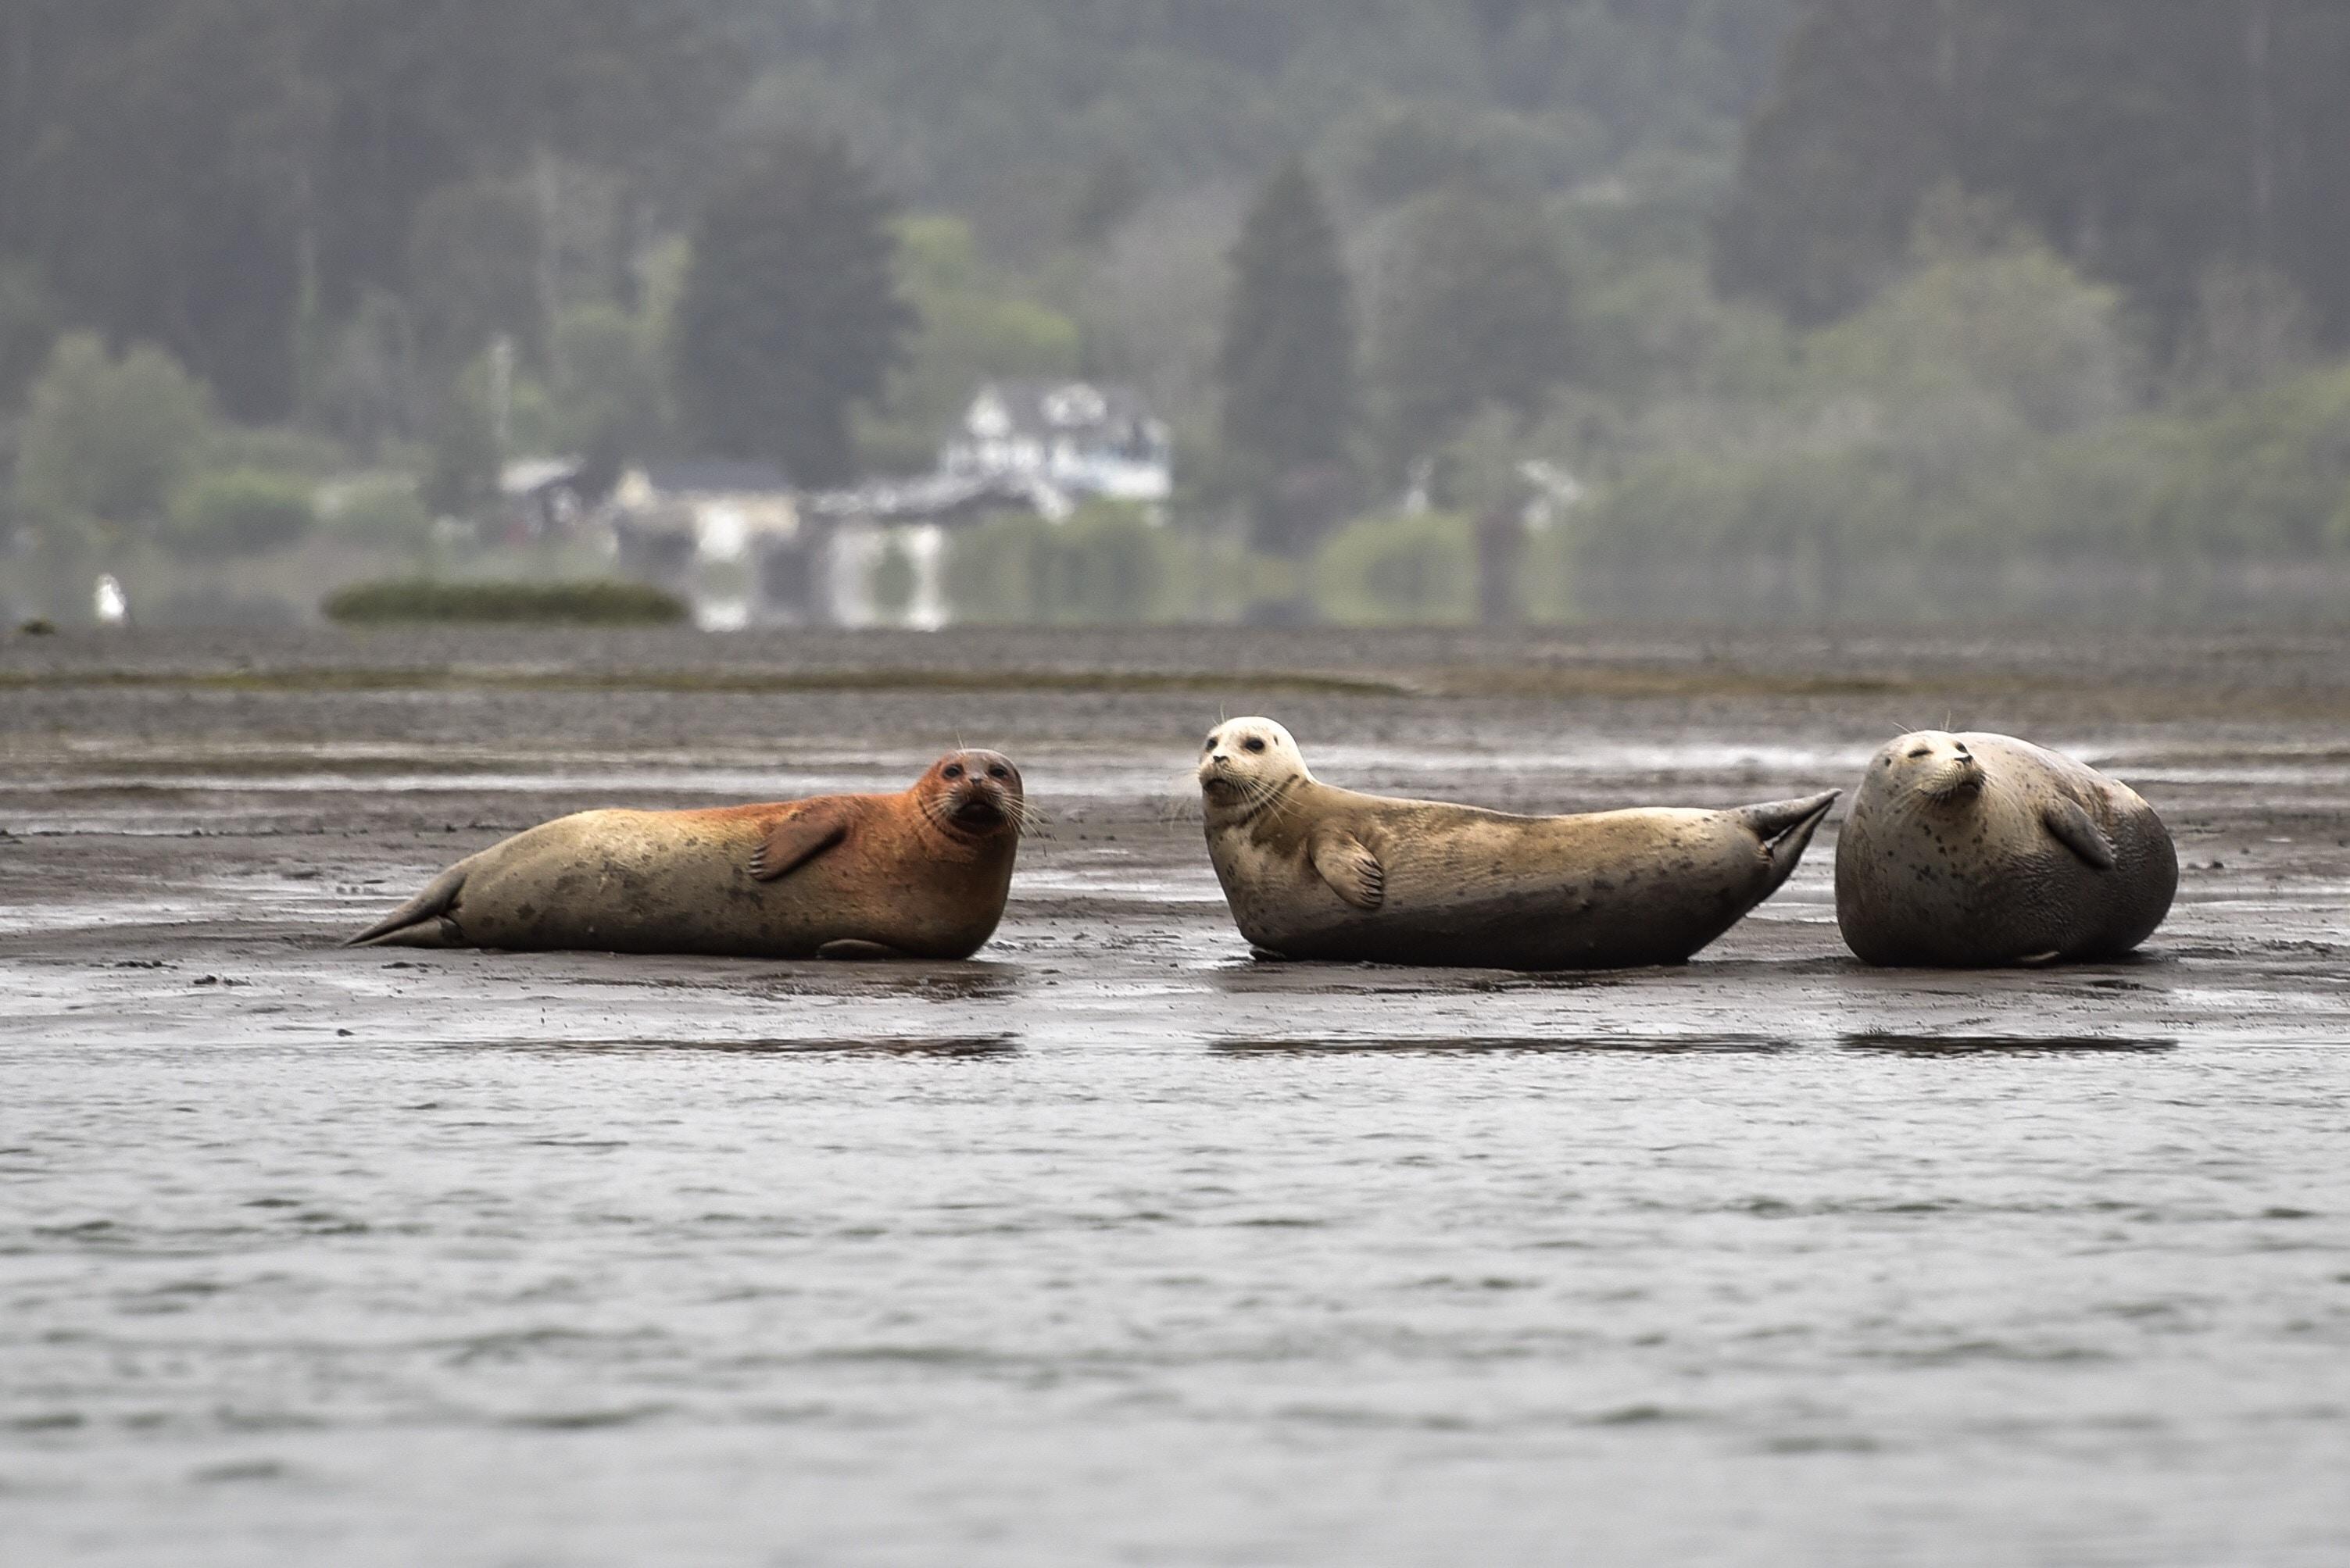 three seals on muddy ground